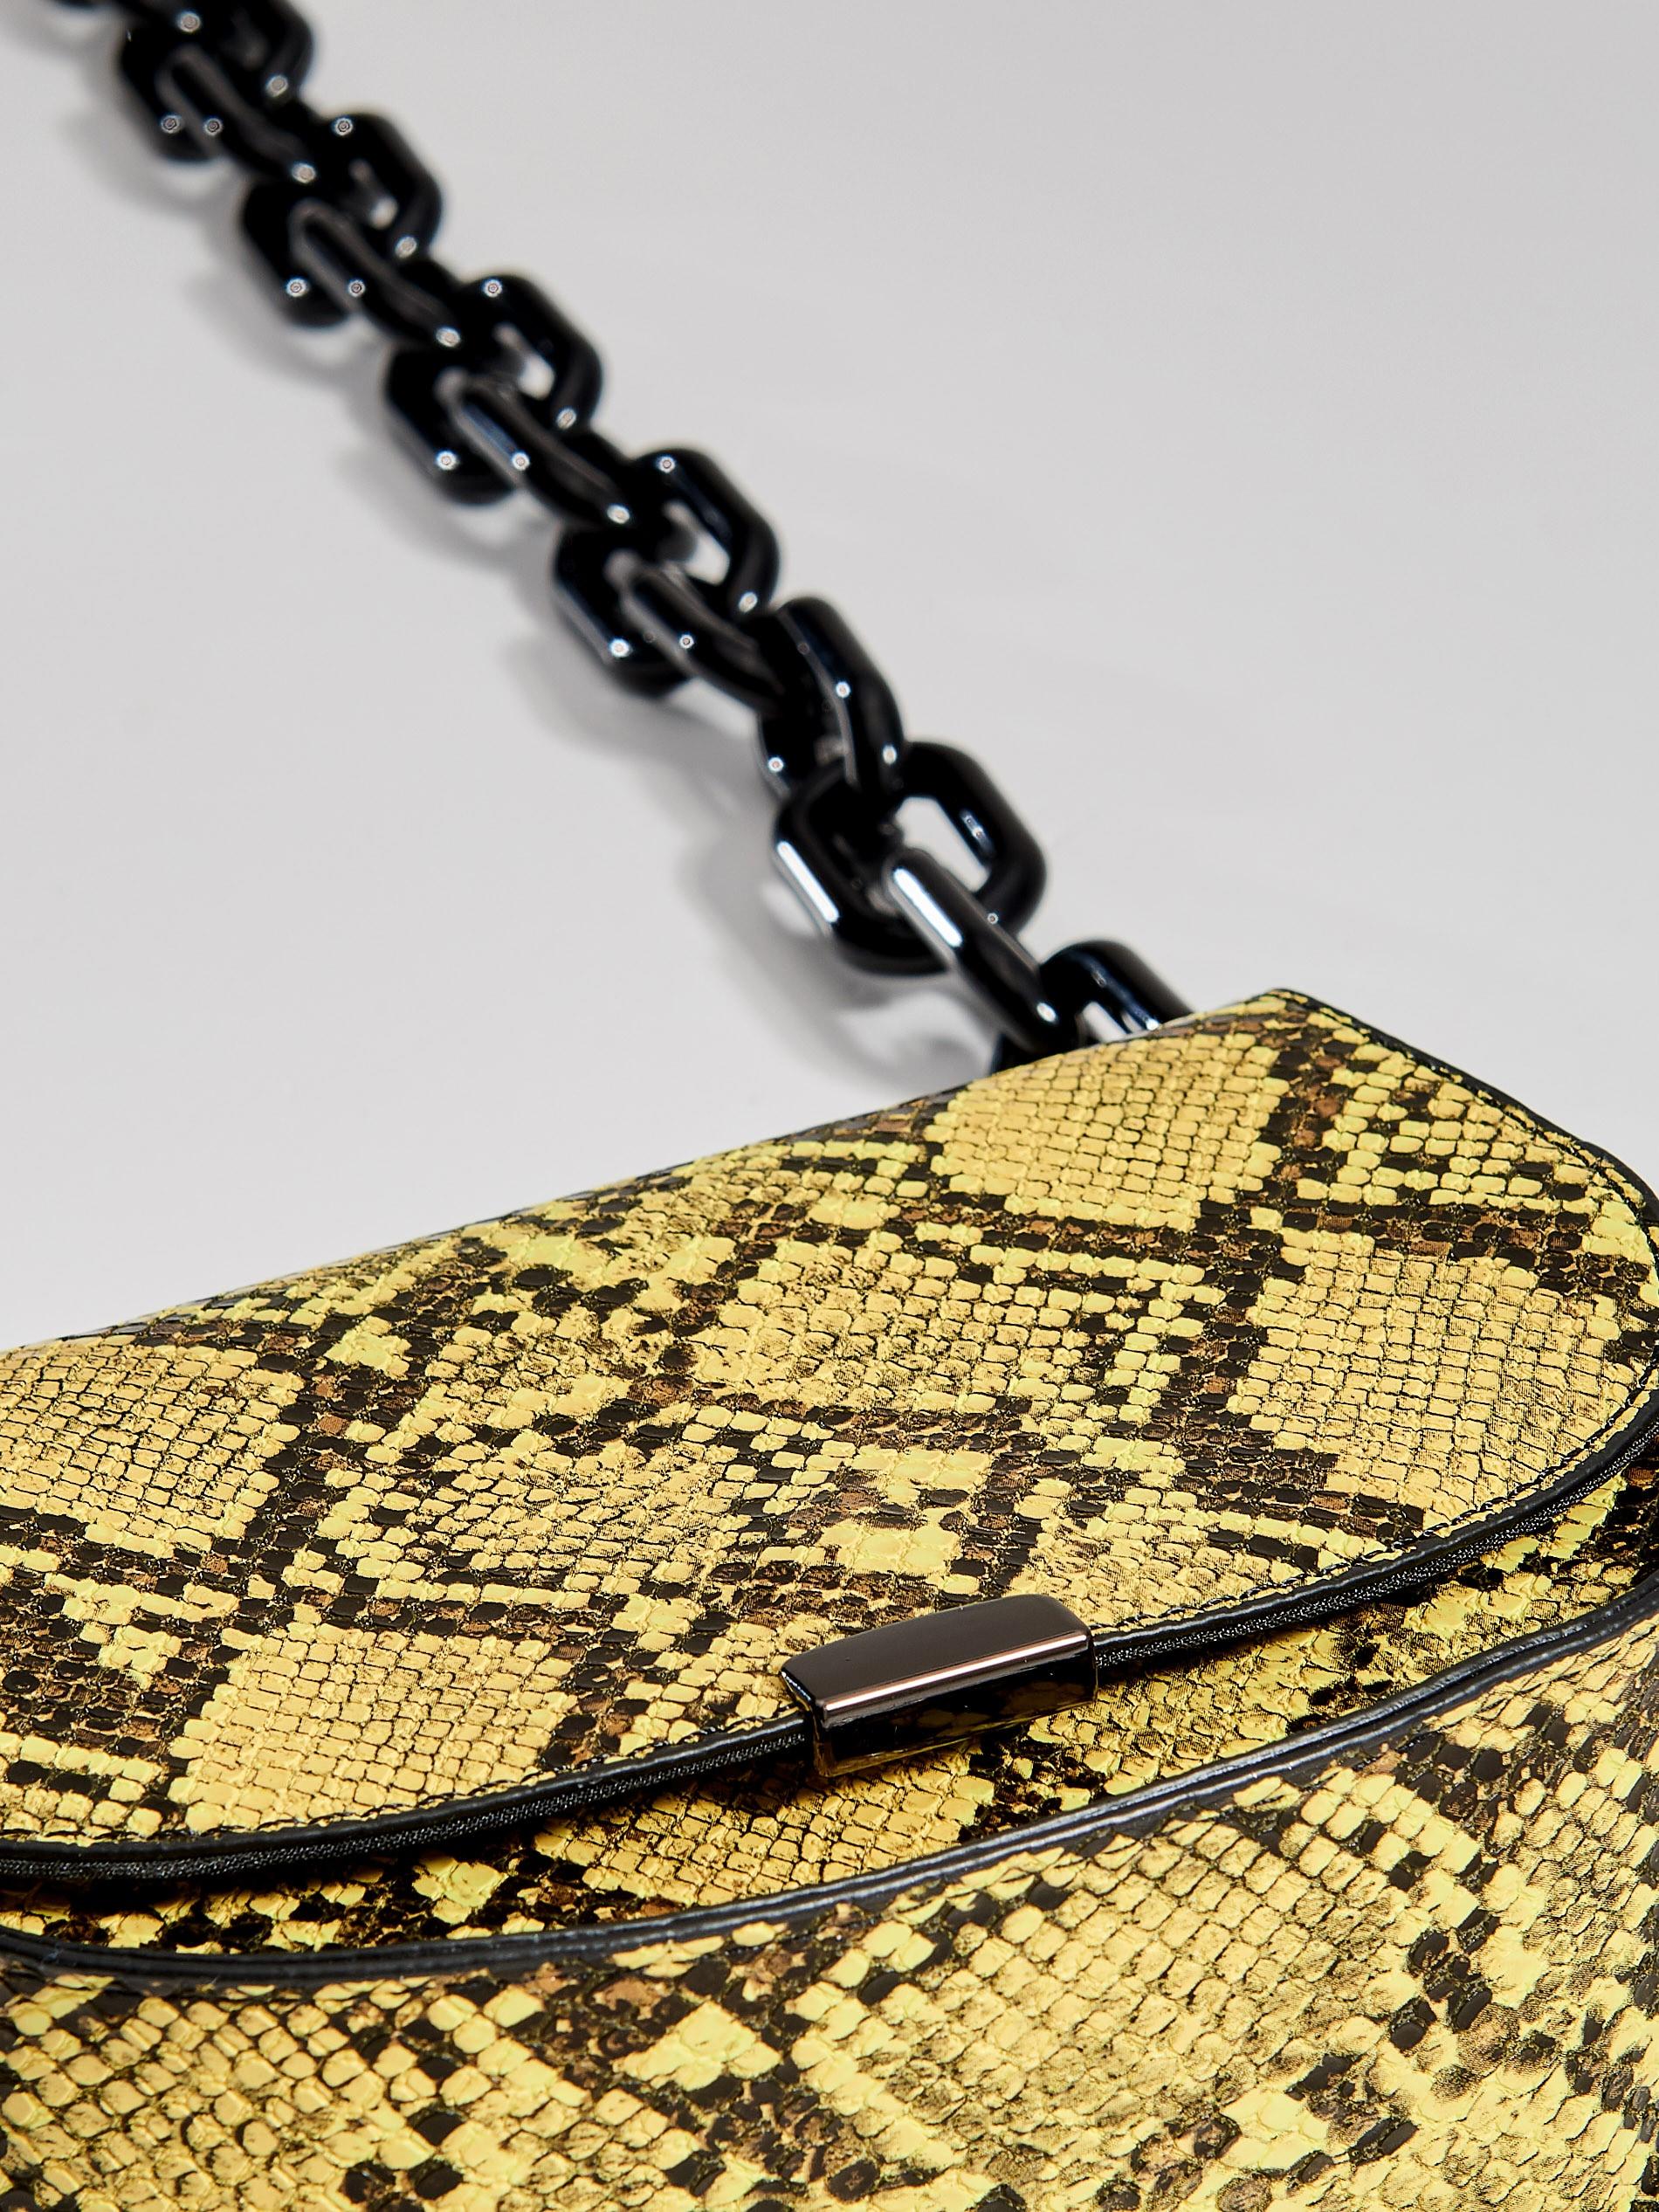 e6762285a0737 Torebka saddle bag z imitacji wężowej skóry Gold Label - wielobarwny -  WF267-MLC -